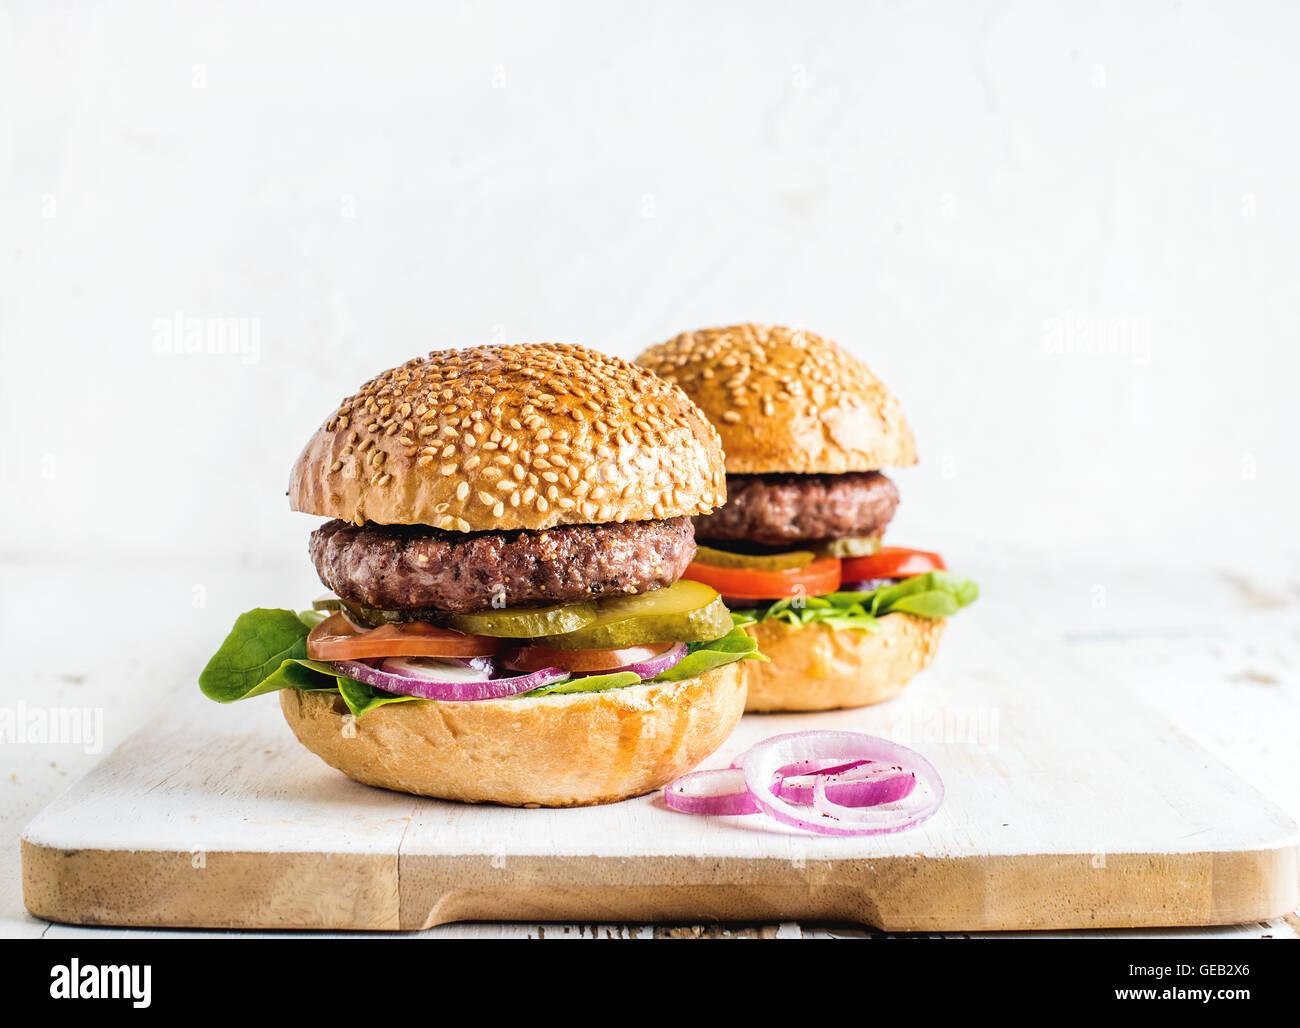 Des burgers sur sol en bois servant de sélection avec des oignons. Photo Stock